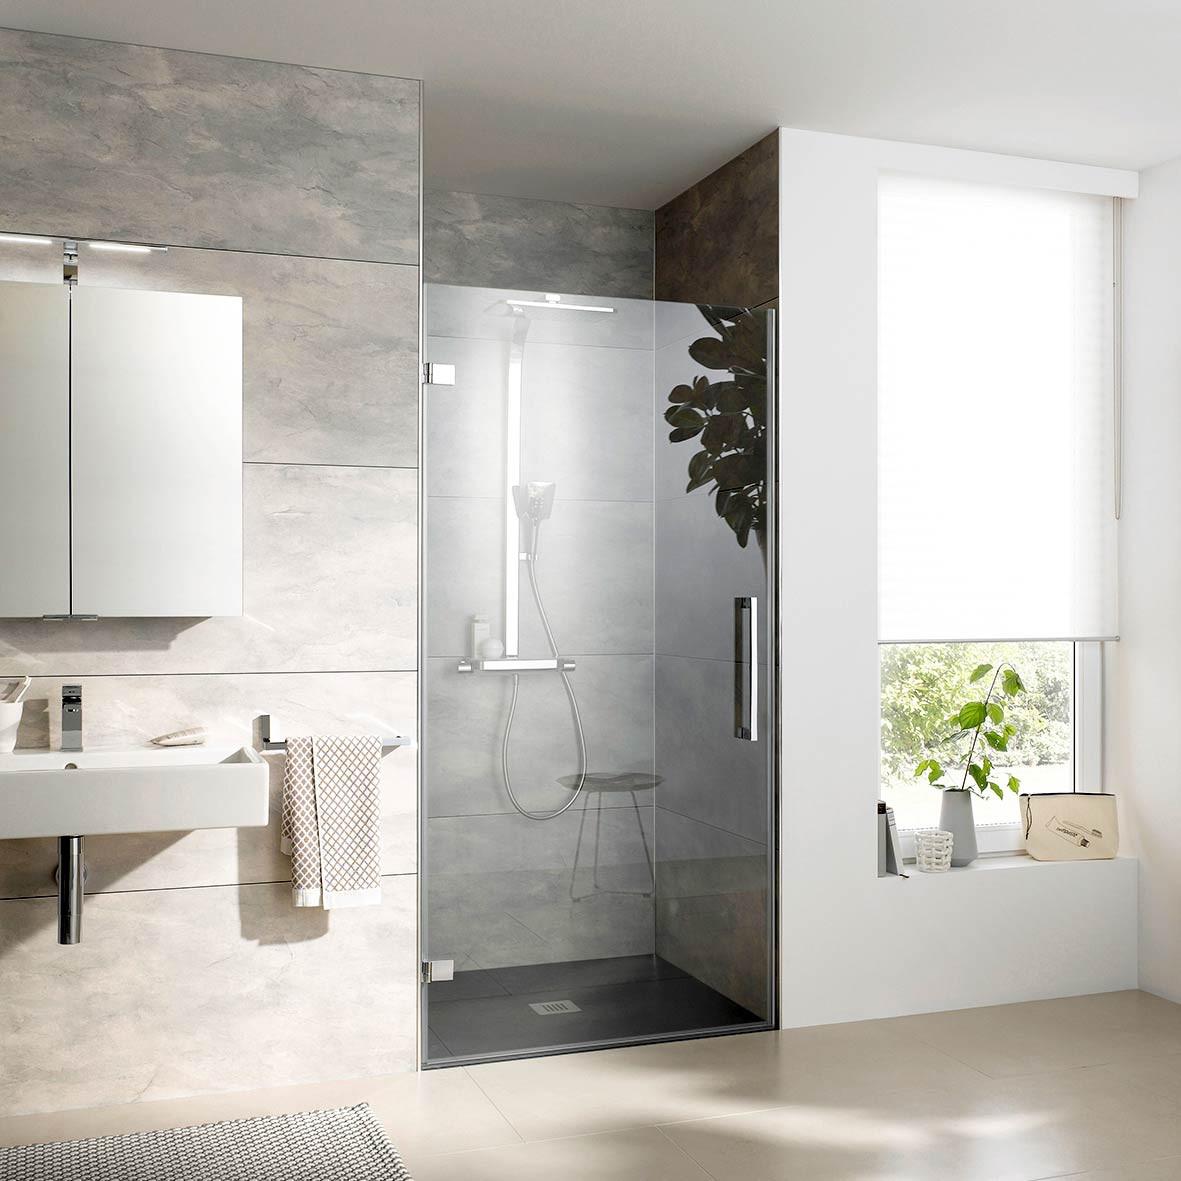 Glastür Dusche  Glastür Dusche Überblick zu HSK Türvarianten für Dusche